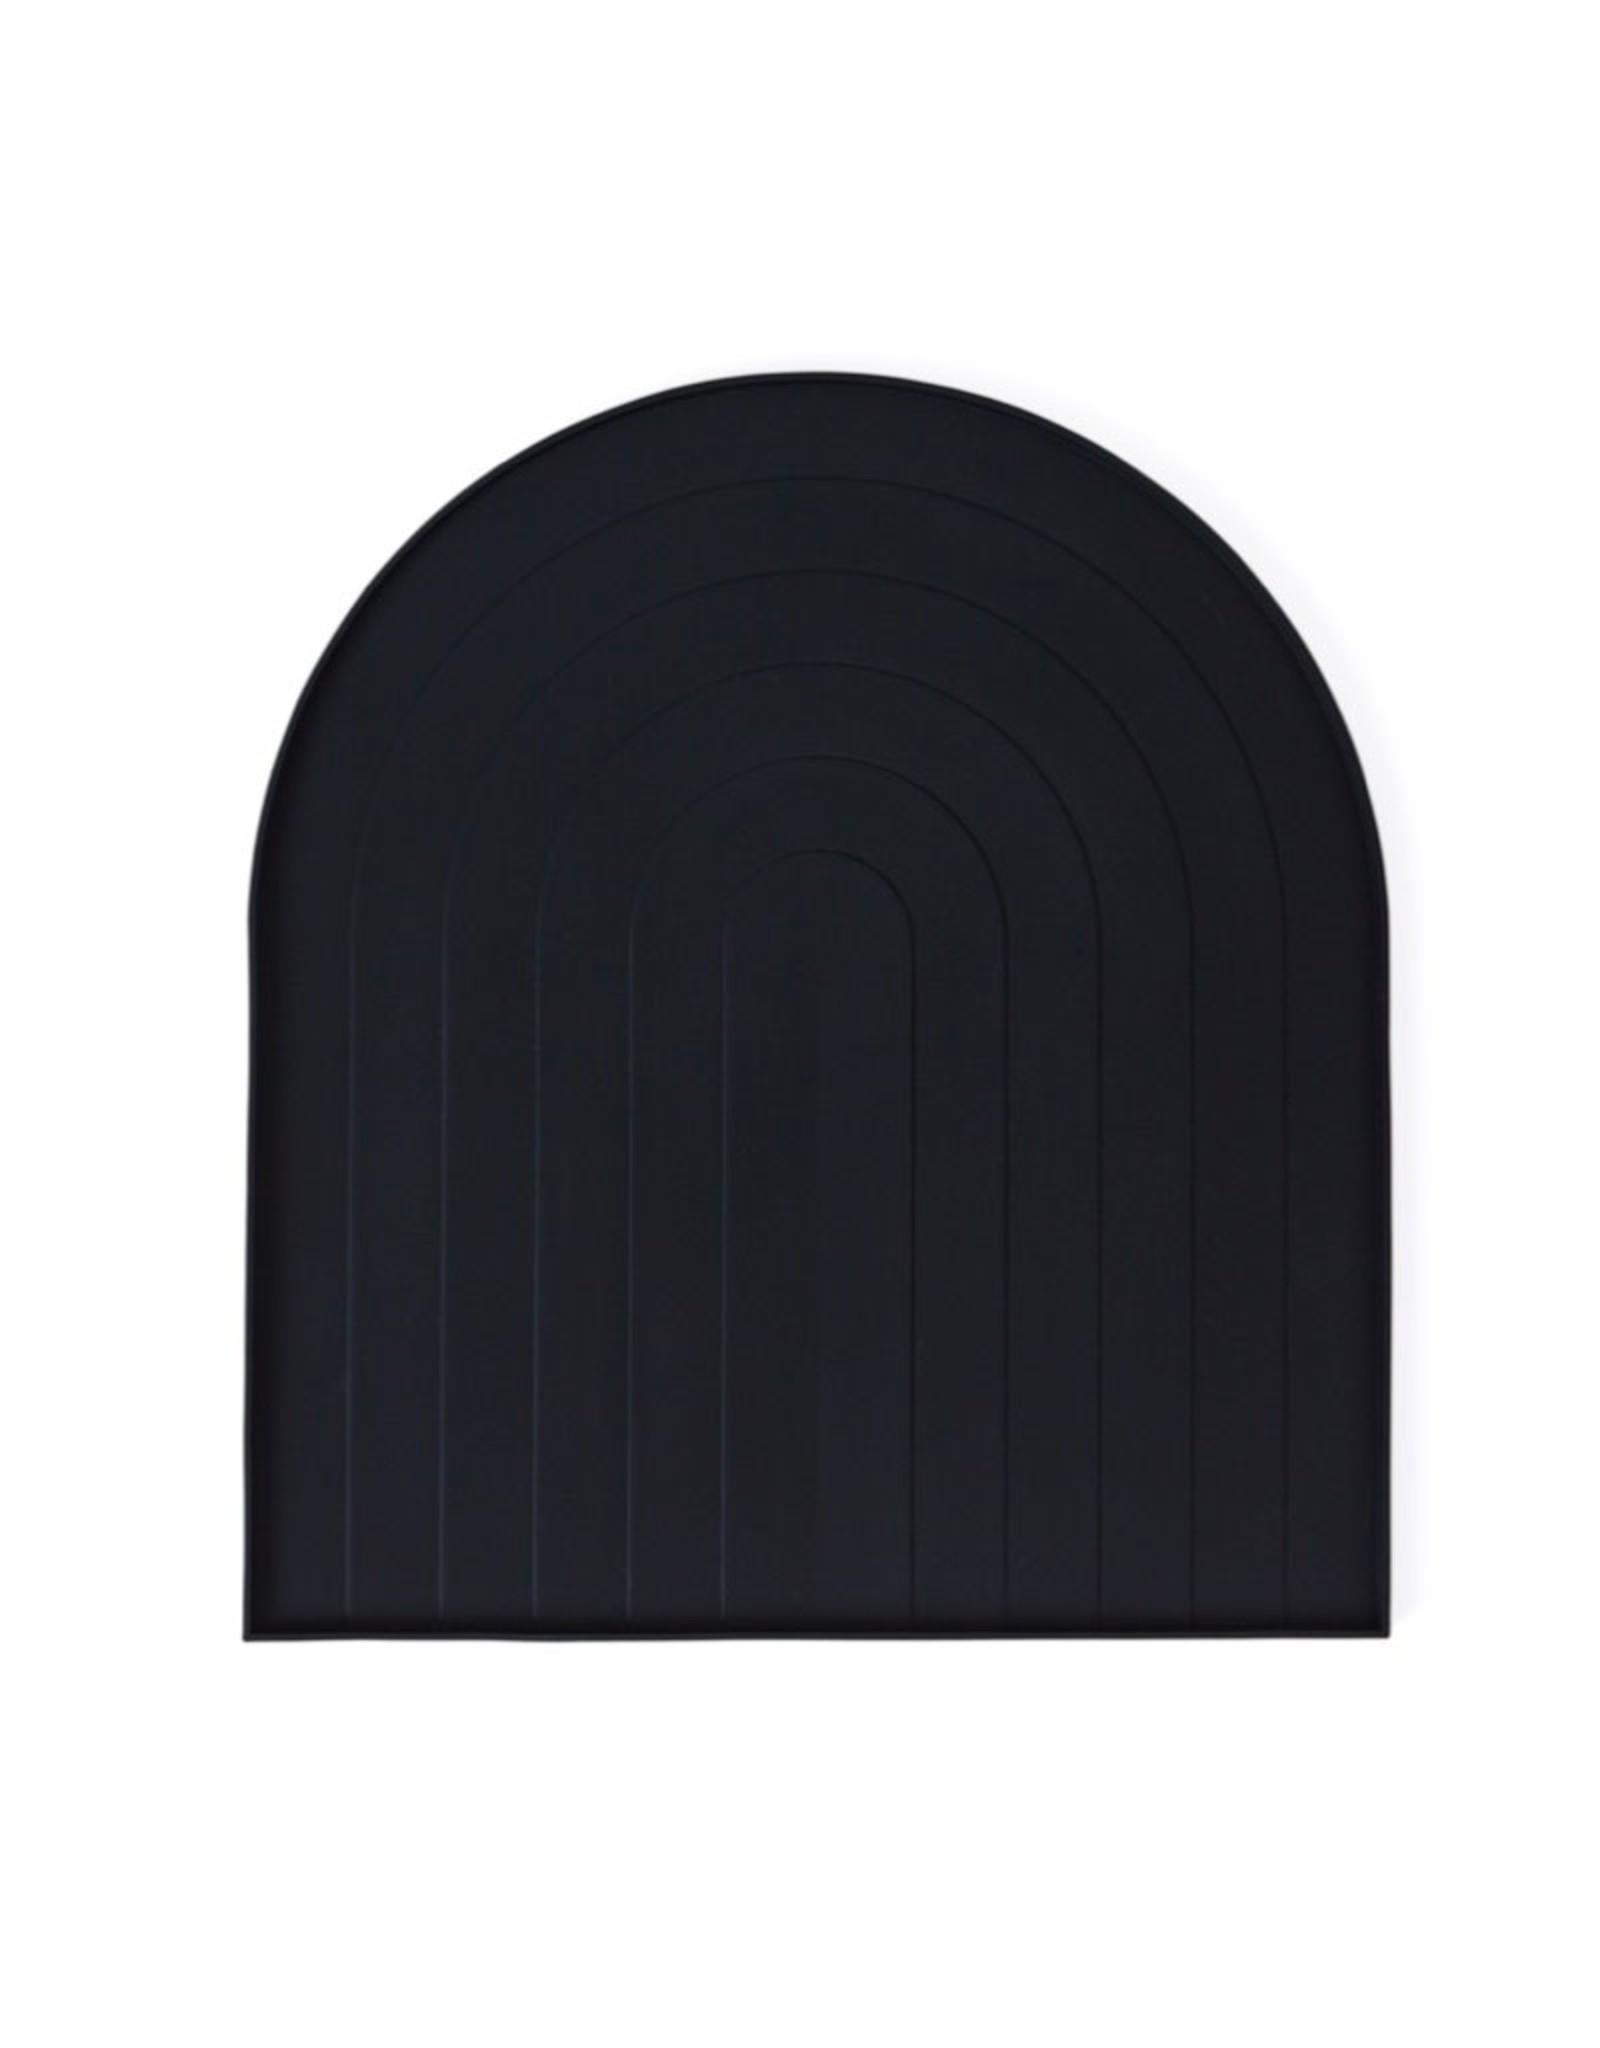 Tray voor afdruiprek - zwart